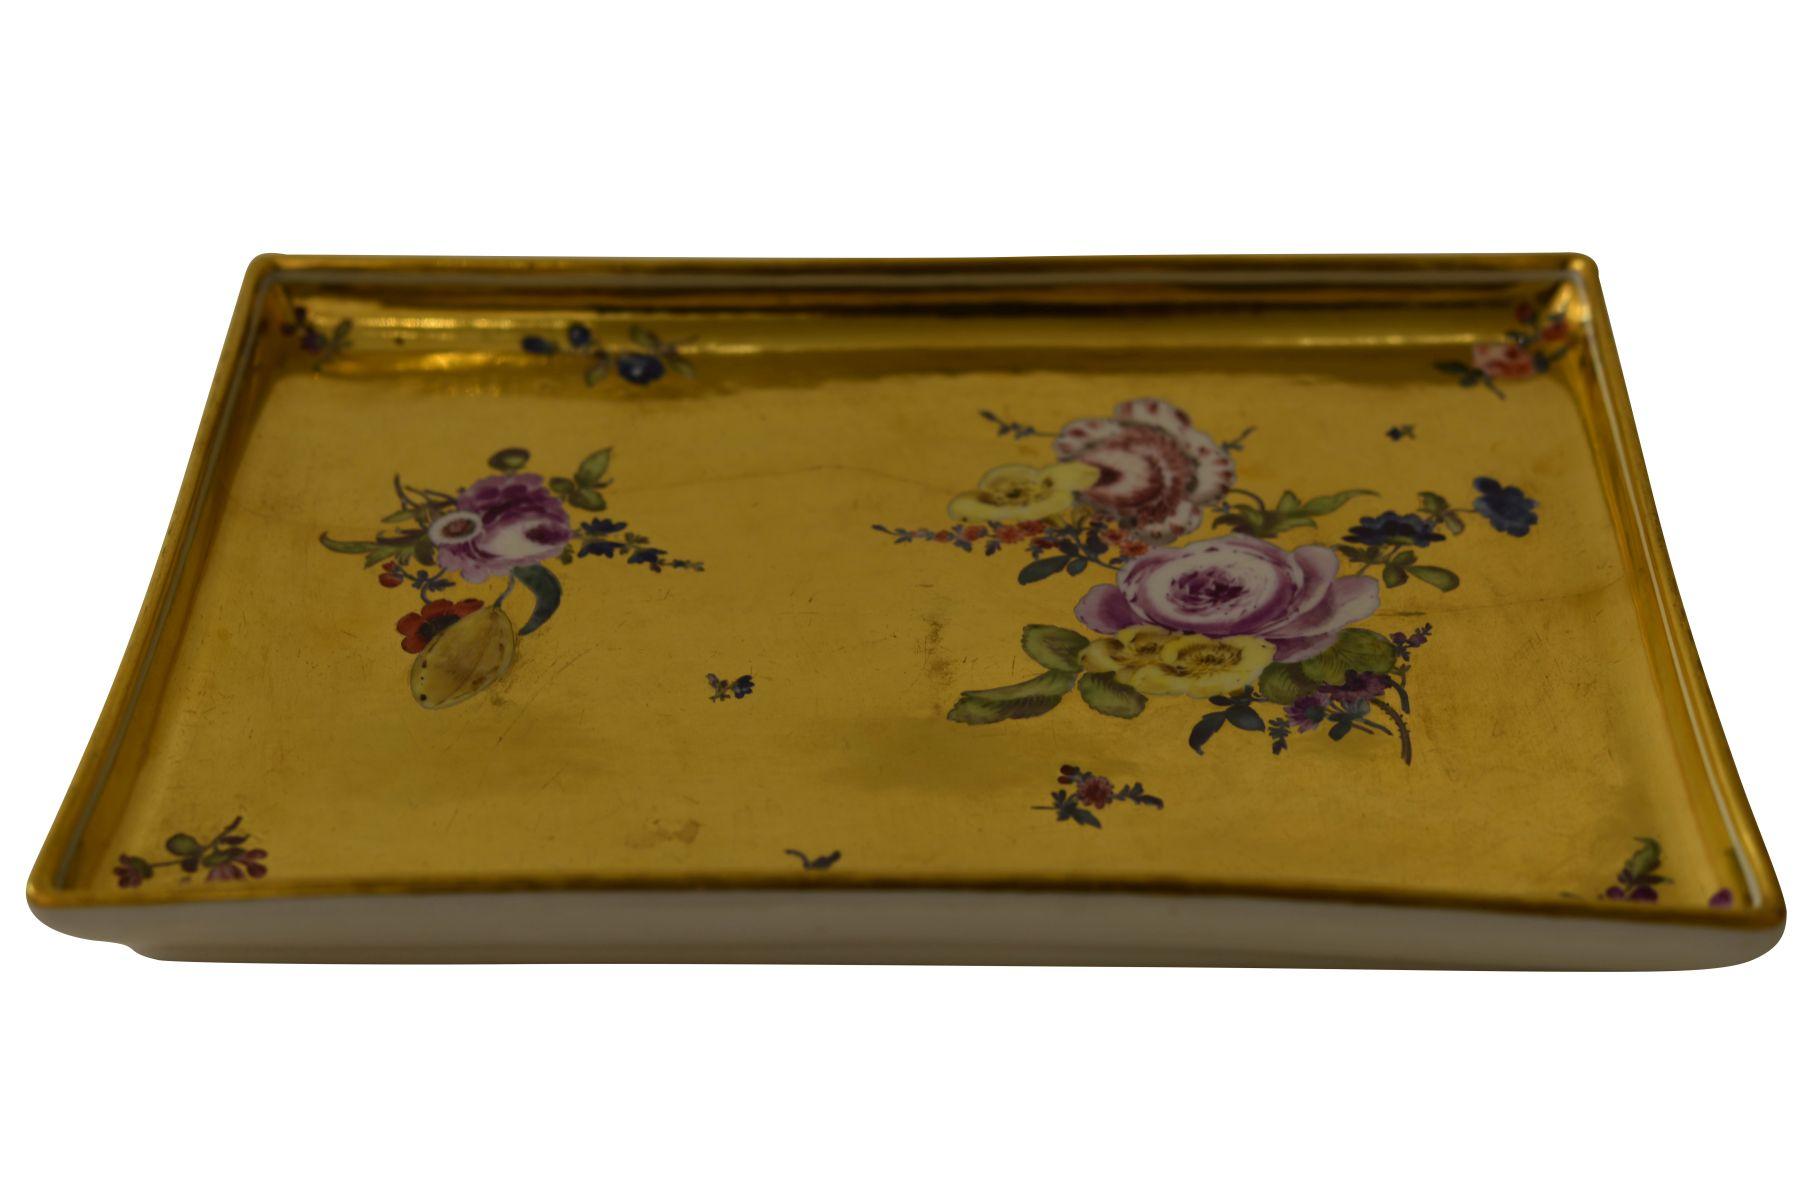 Platte Goldfond, Meissen 1740 - Bild 2 aus 5